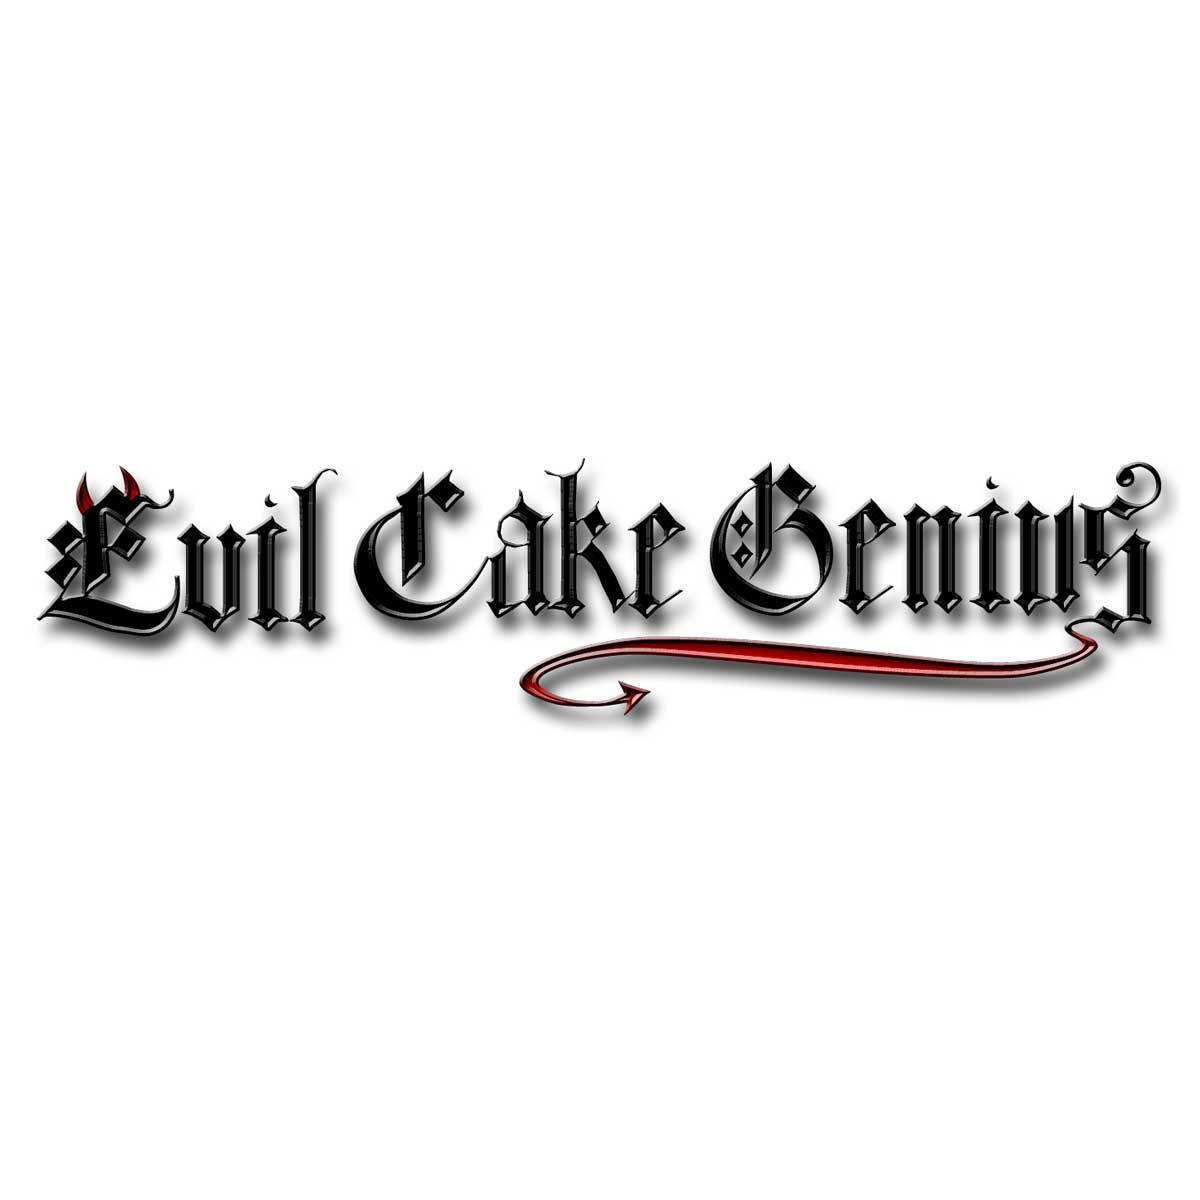 Gold Powder - Evil Cake Genius